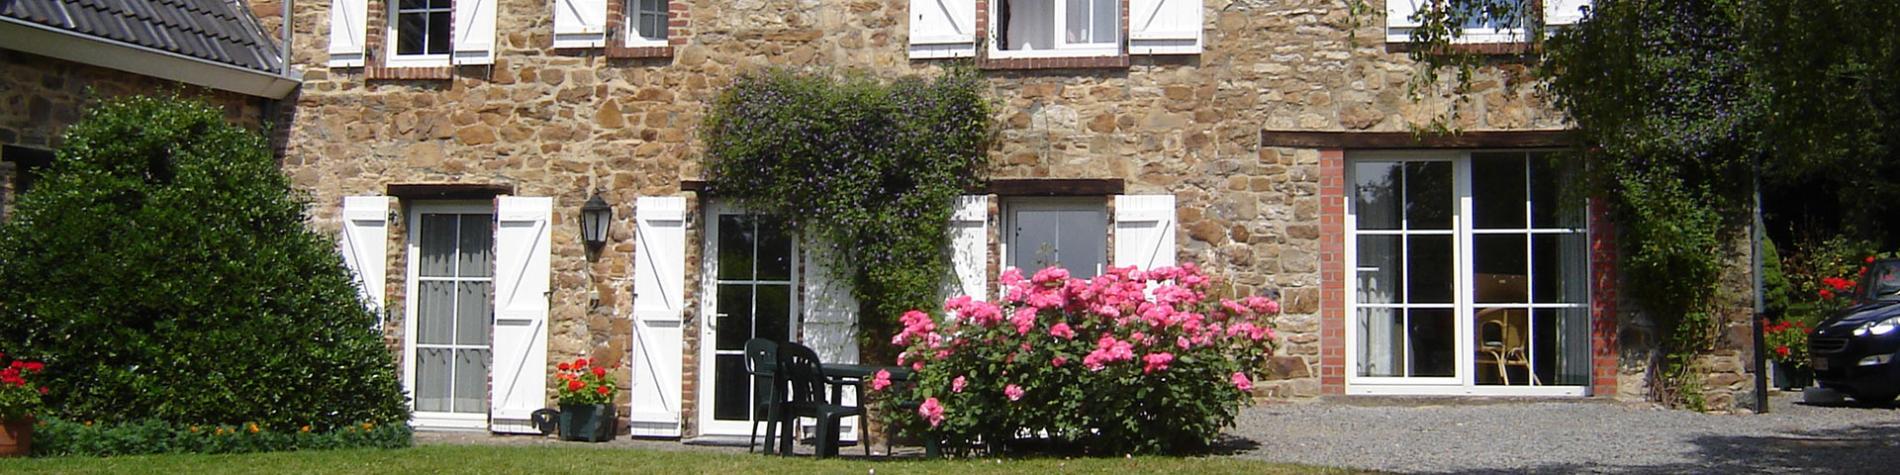 Gîte rural - Les Bansions - Sart-lez-Spa - Jardin